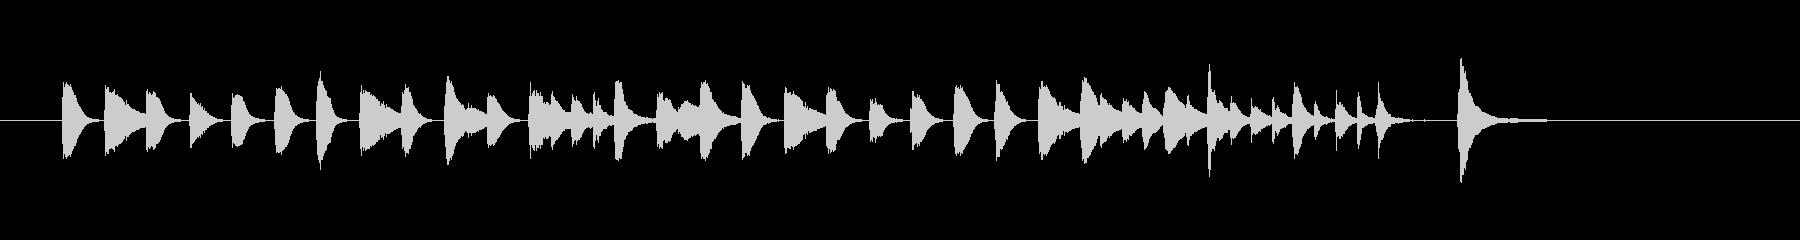 ピアノと木琴・ほのぼの可愛いサウンドロゴの未再生の波形